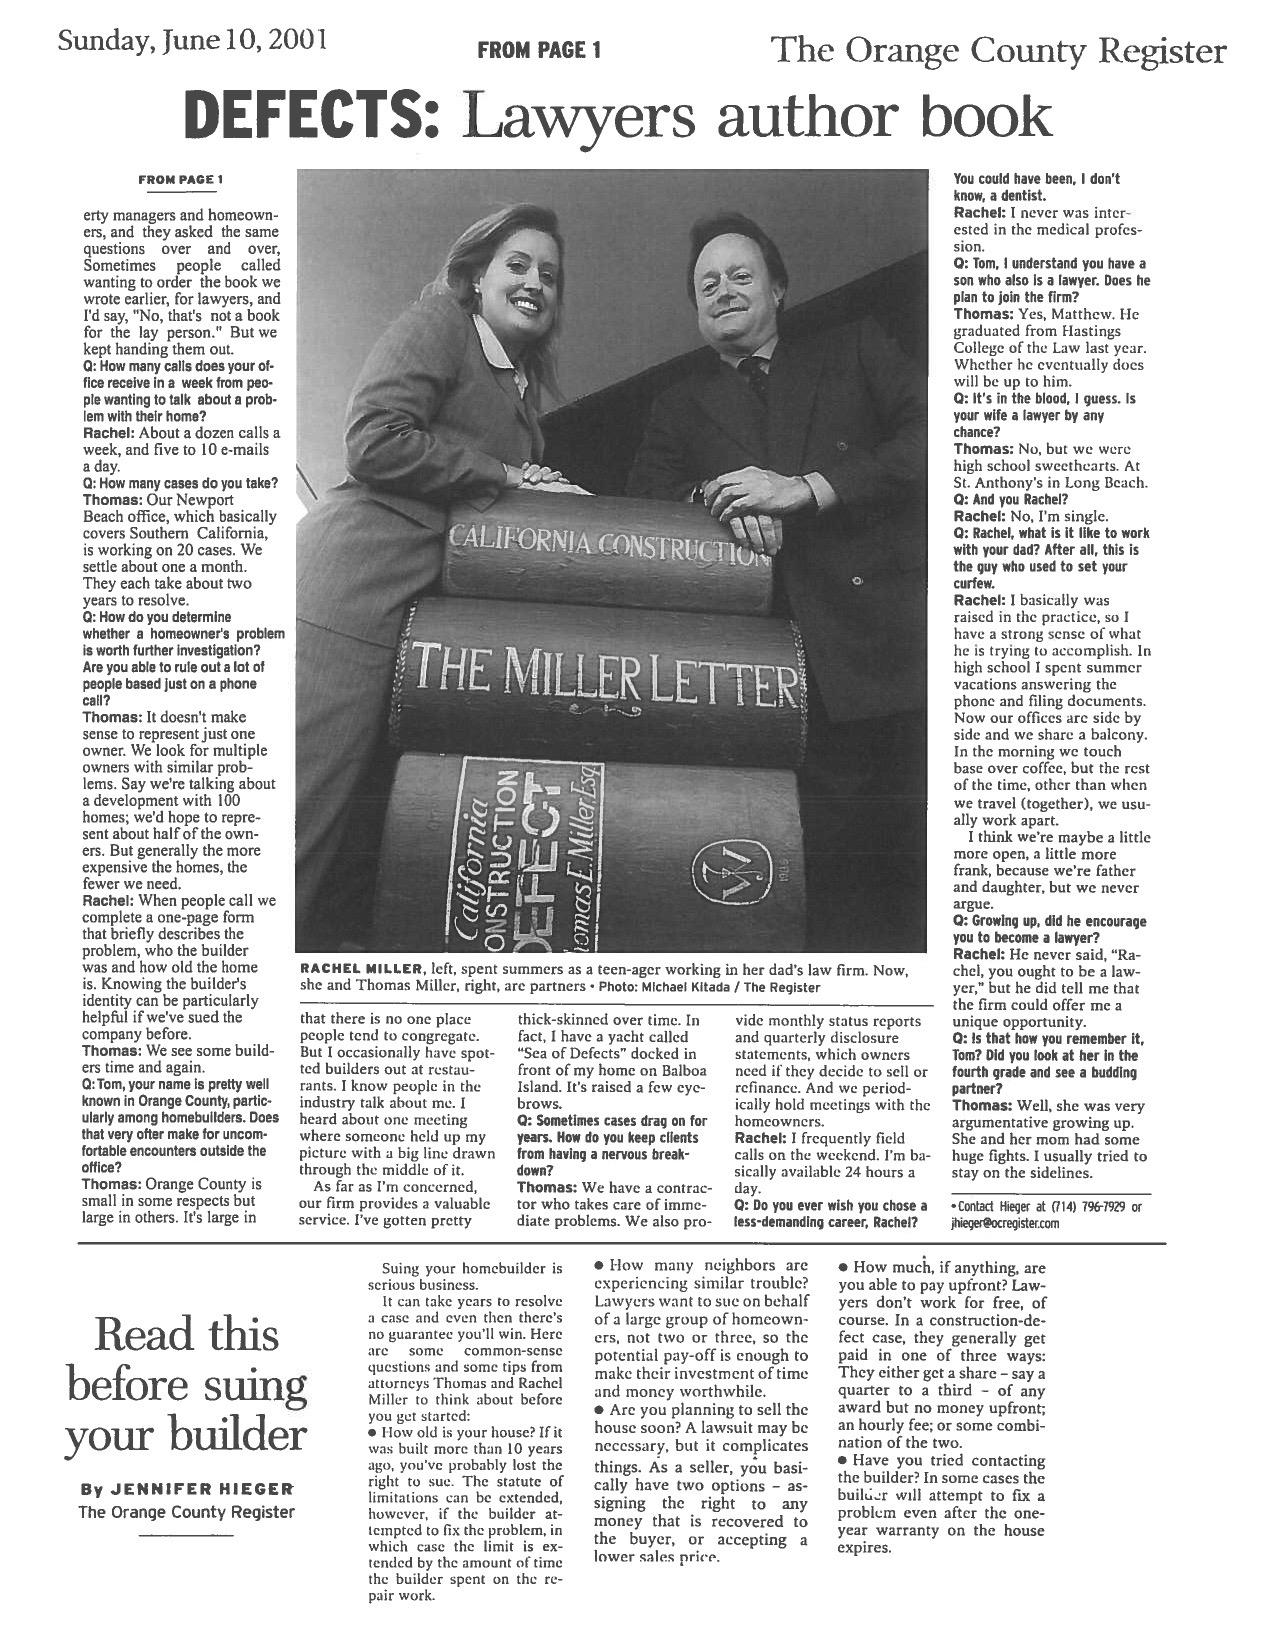 Orange County Register (2).jpg